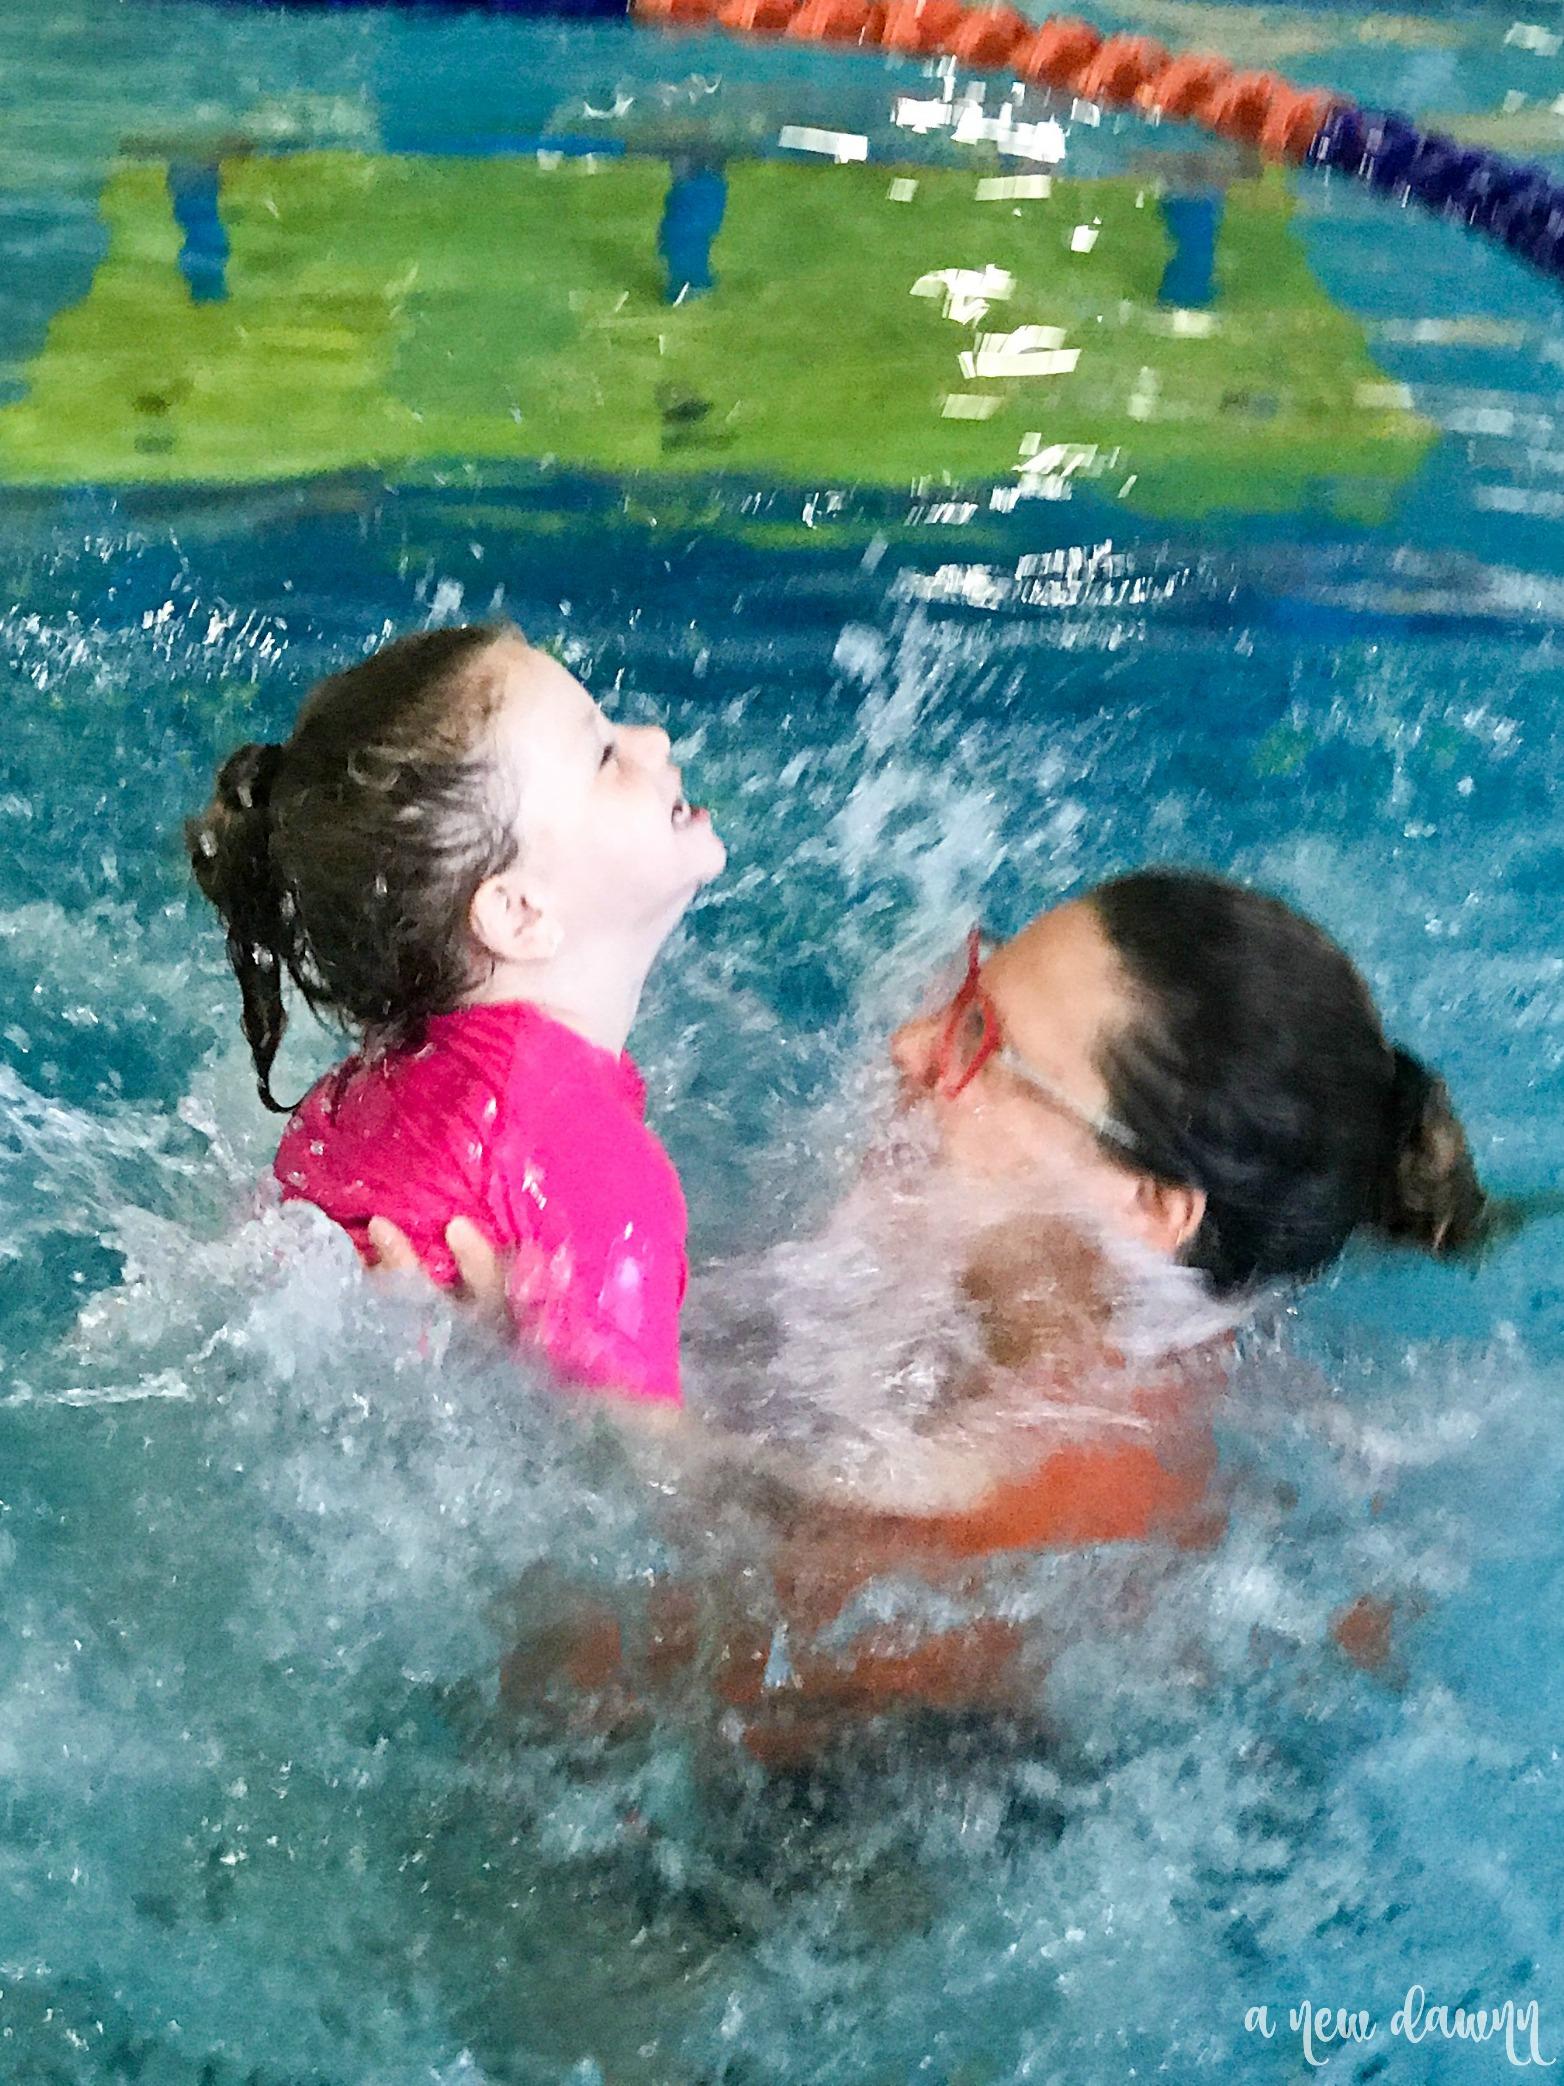 Splashing in the pool at Goldfish Swim School